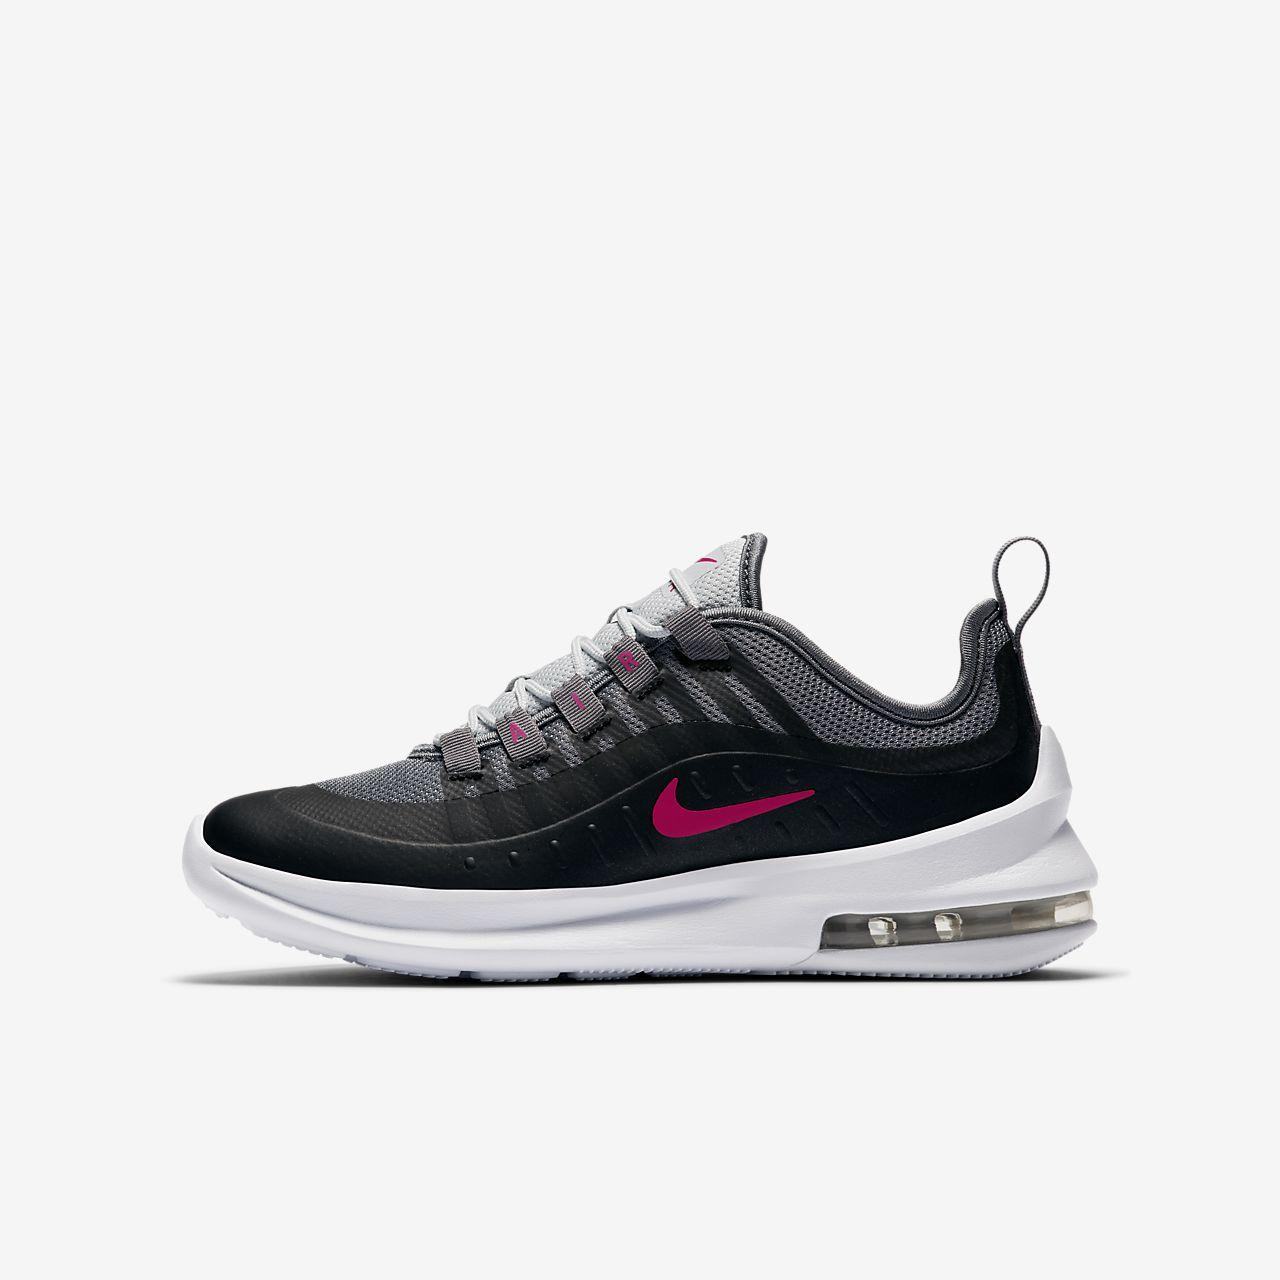 brand new e5997 56cdf ... Nike Air Max Axis sko til store barn